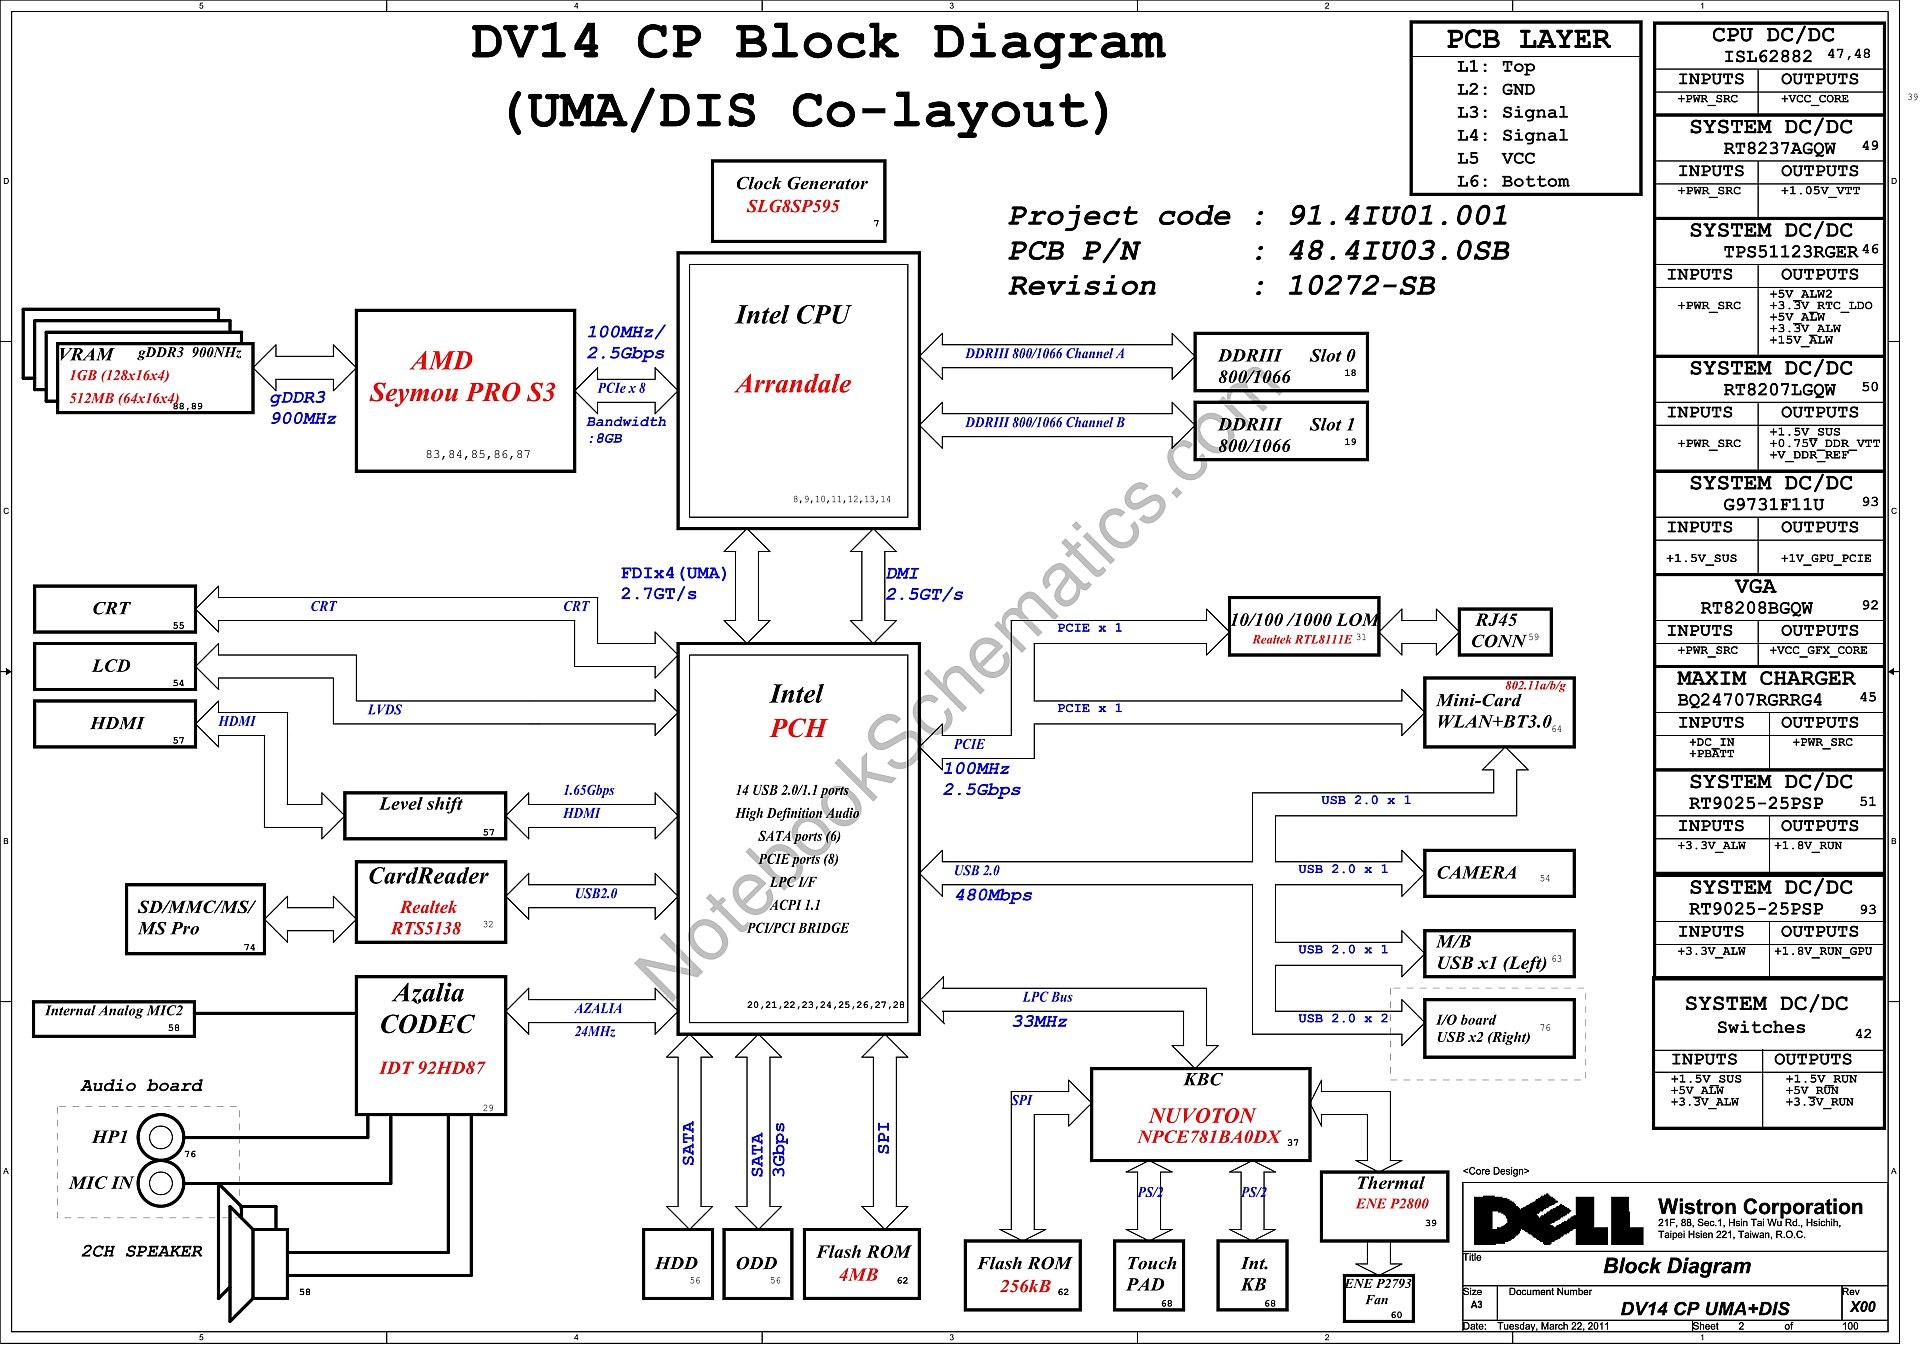 dell vostro 1440 schematic  u2013 wistron dv14 cp uma dis